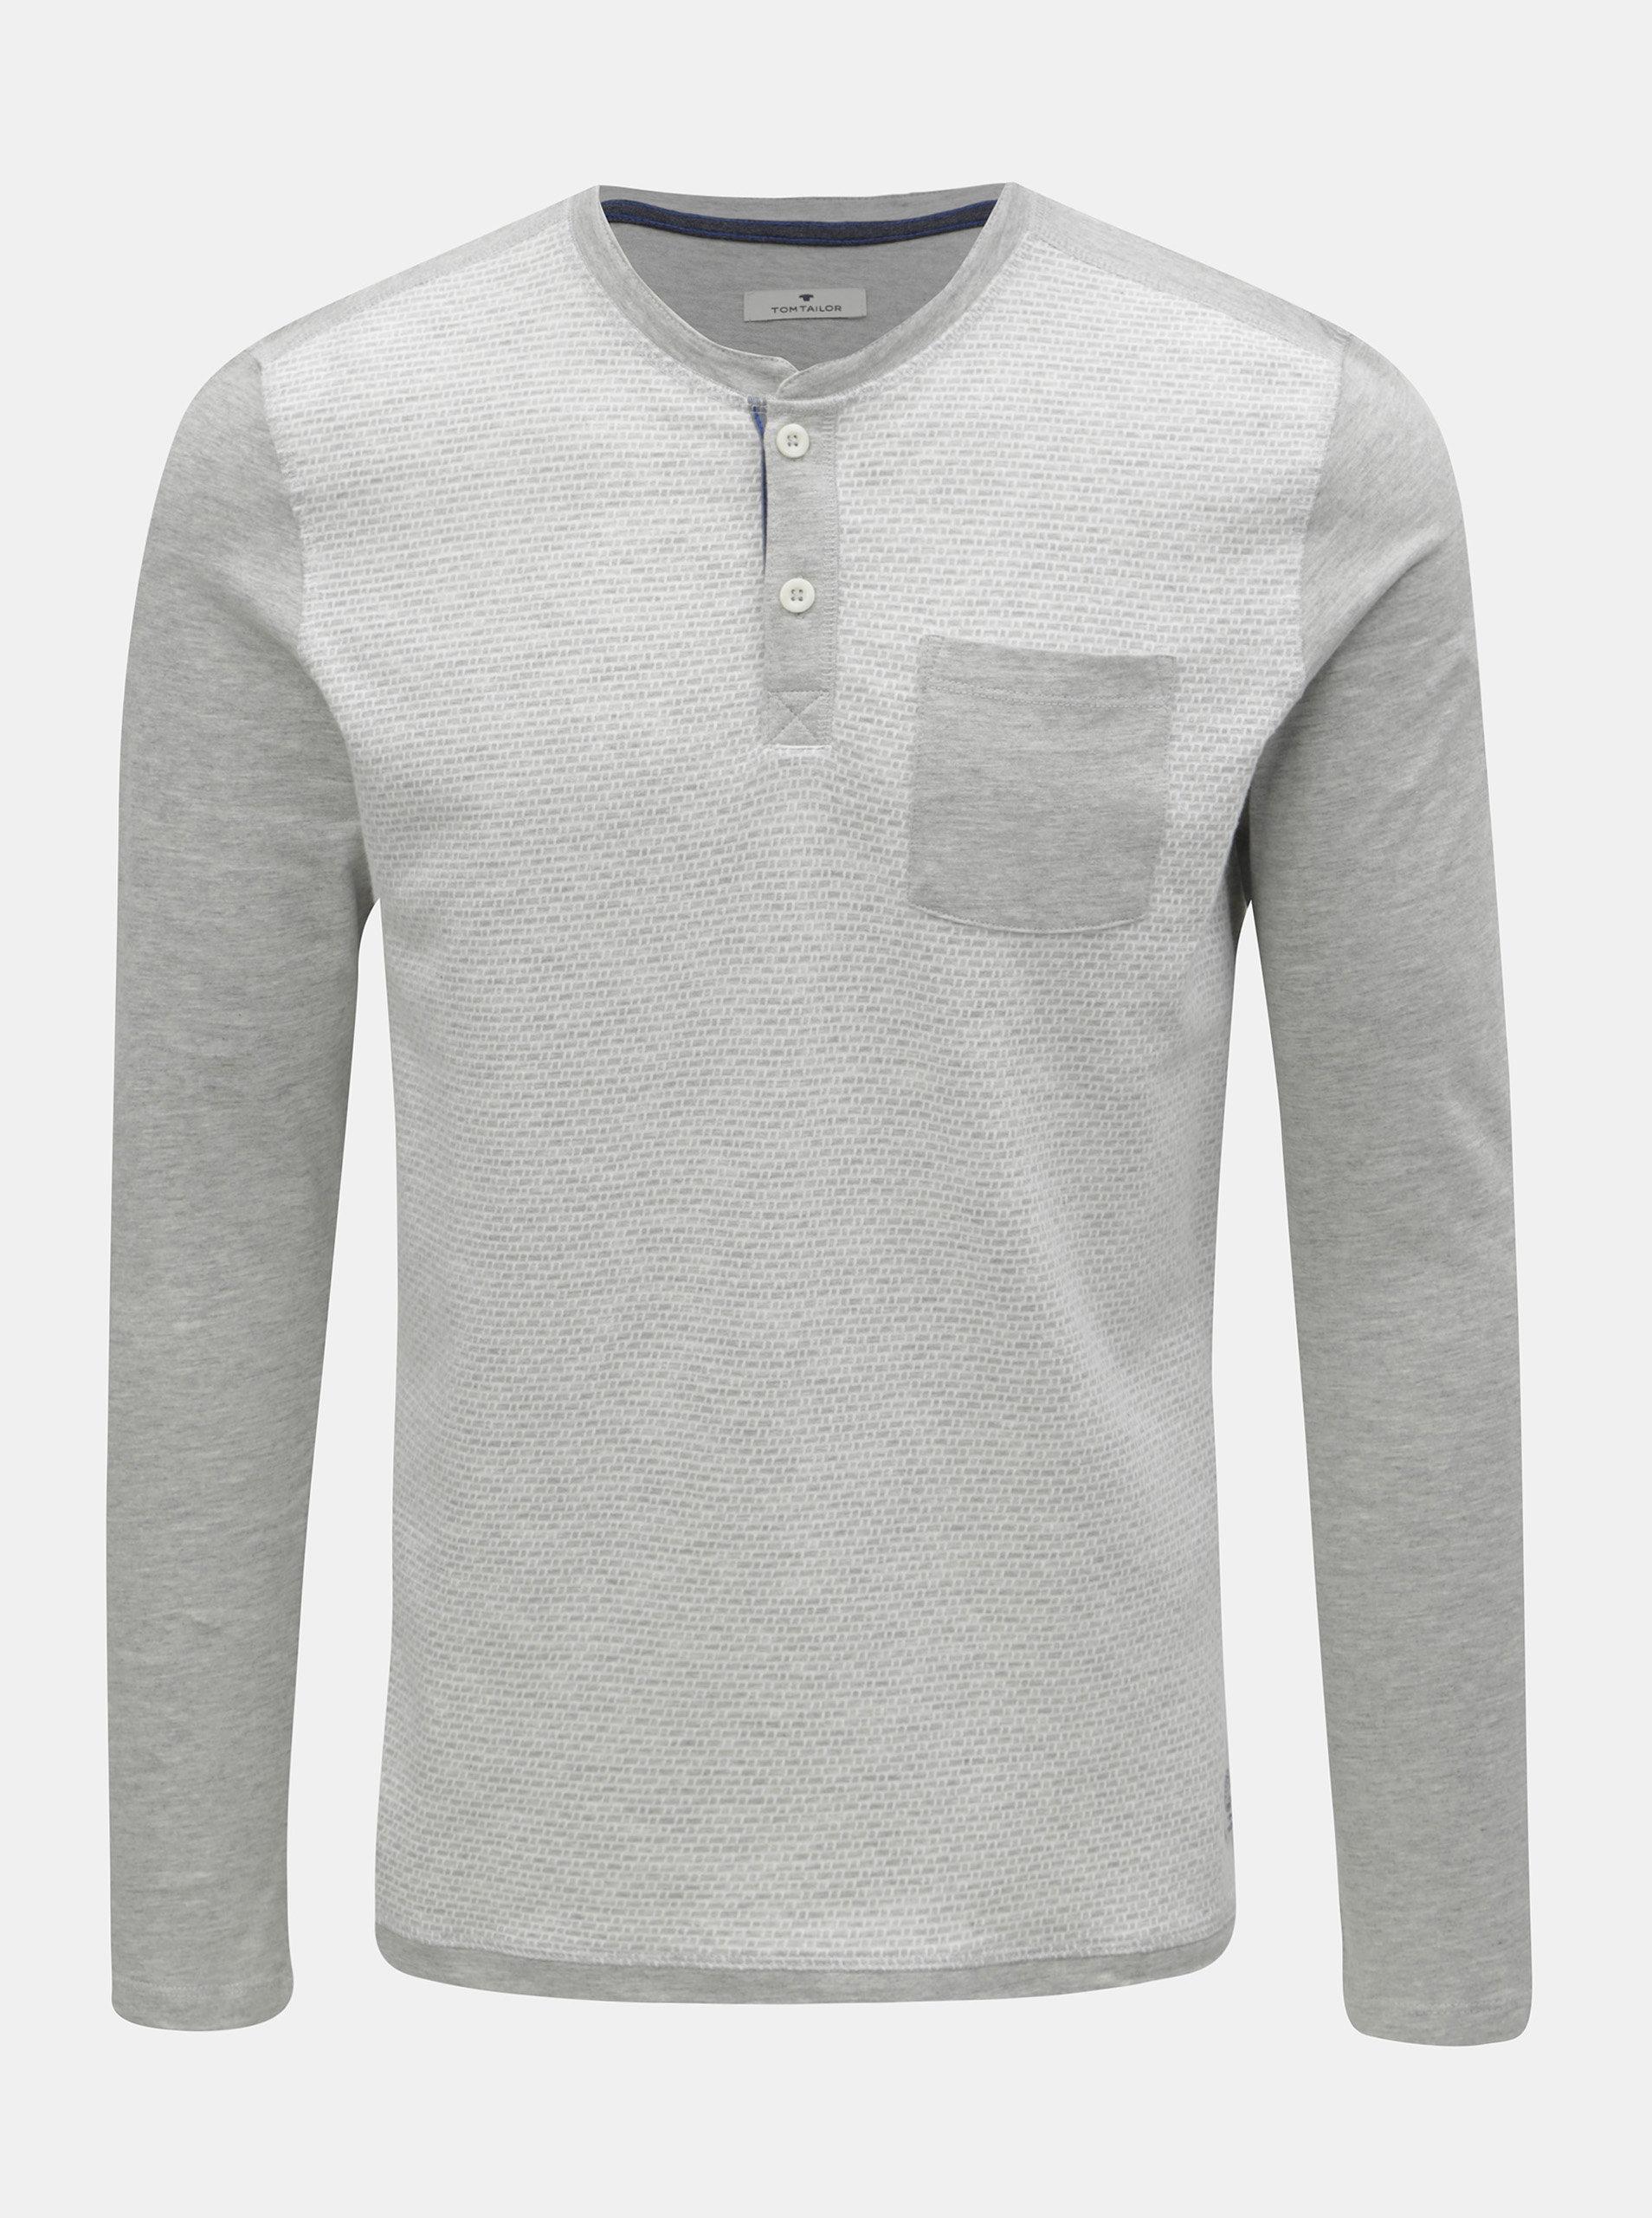 1a344247b493 Svetlosivé pánske melírované tričko s náprsným vreckom Tom Tailor ...